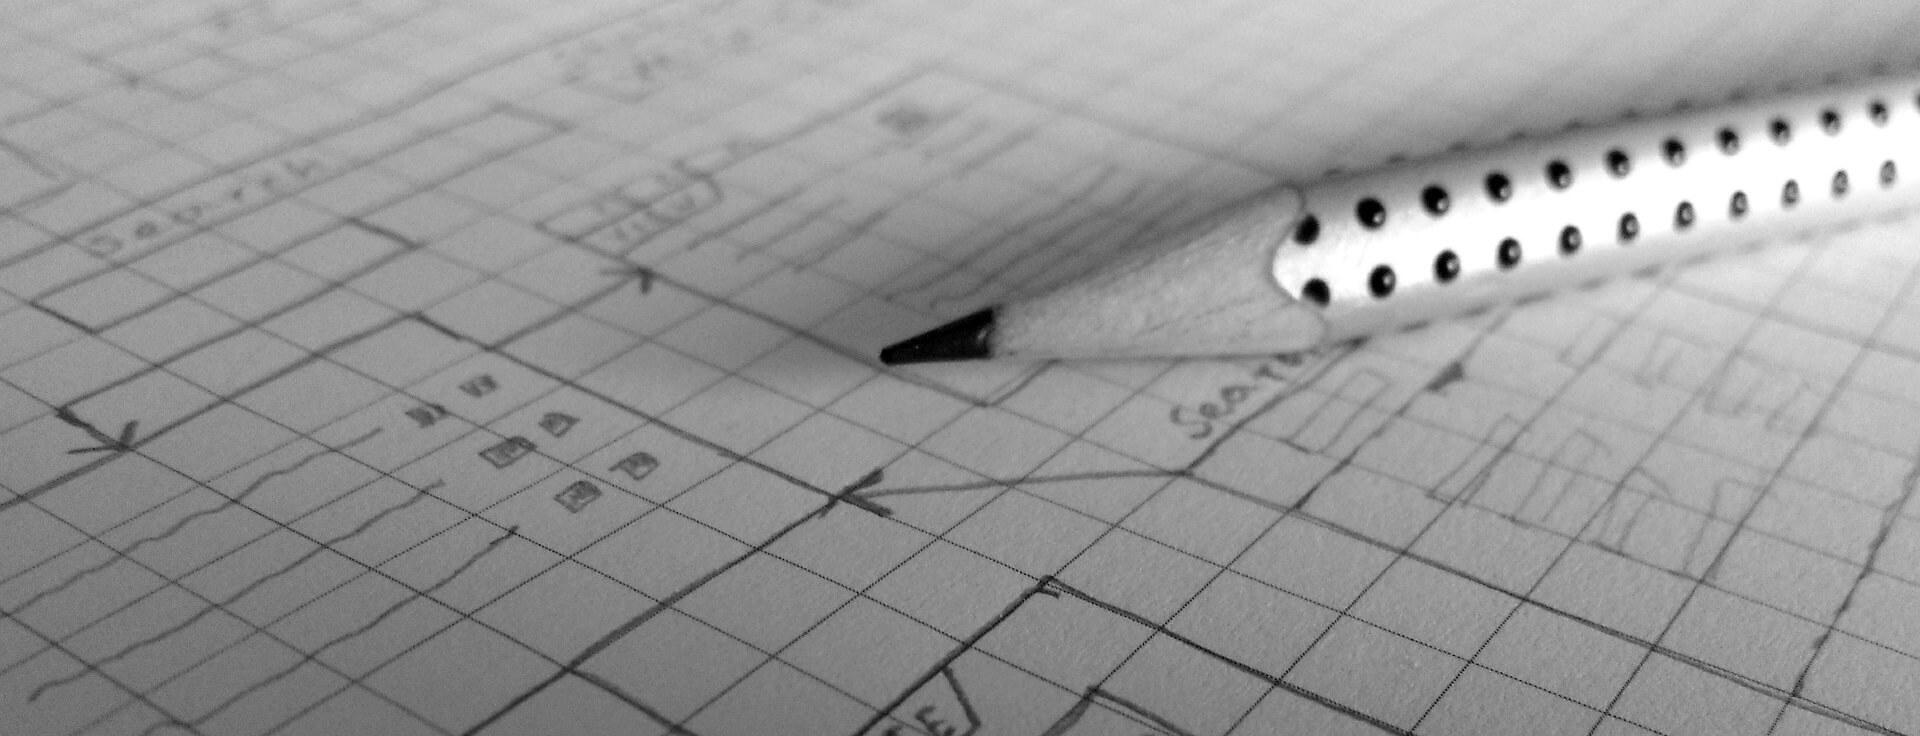 Bleistift auf Bauplan